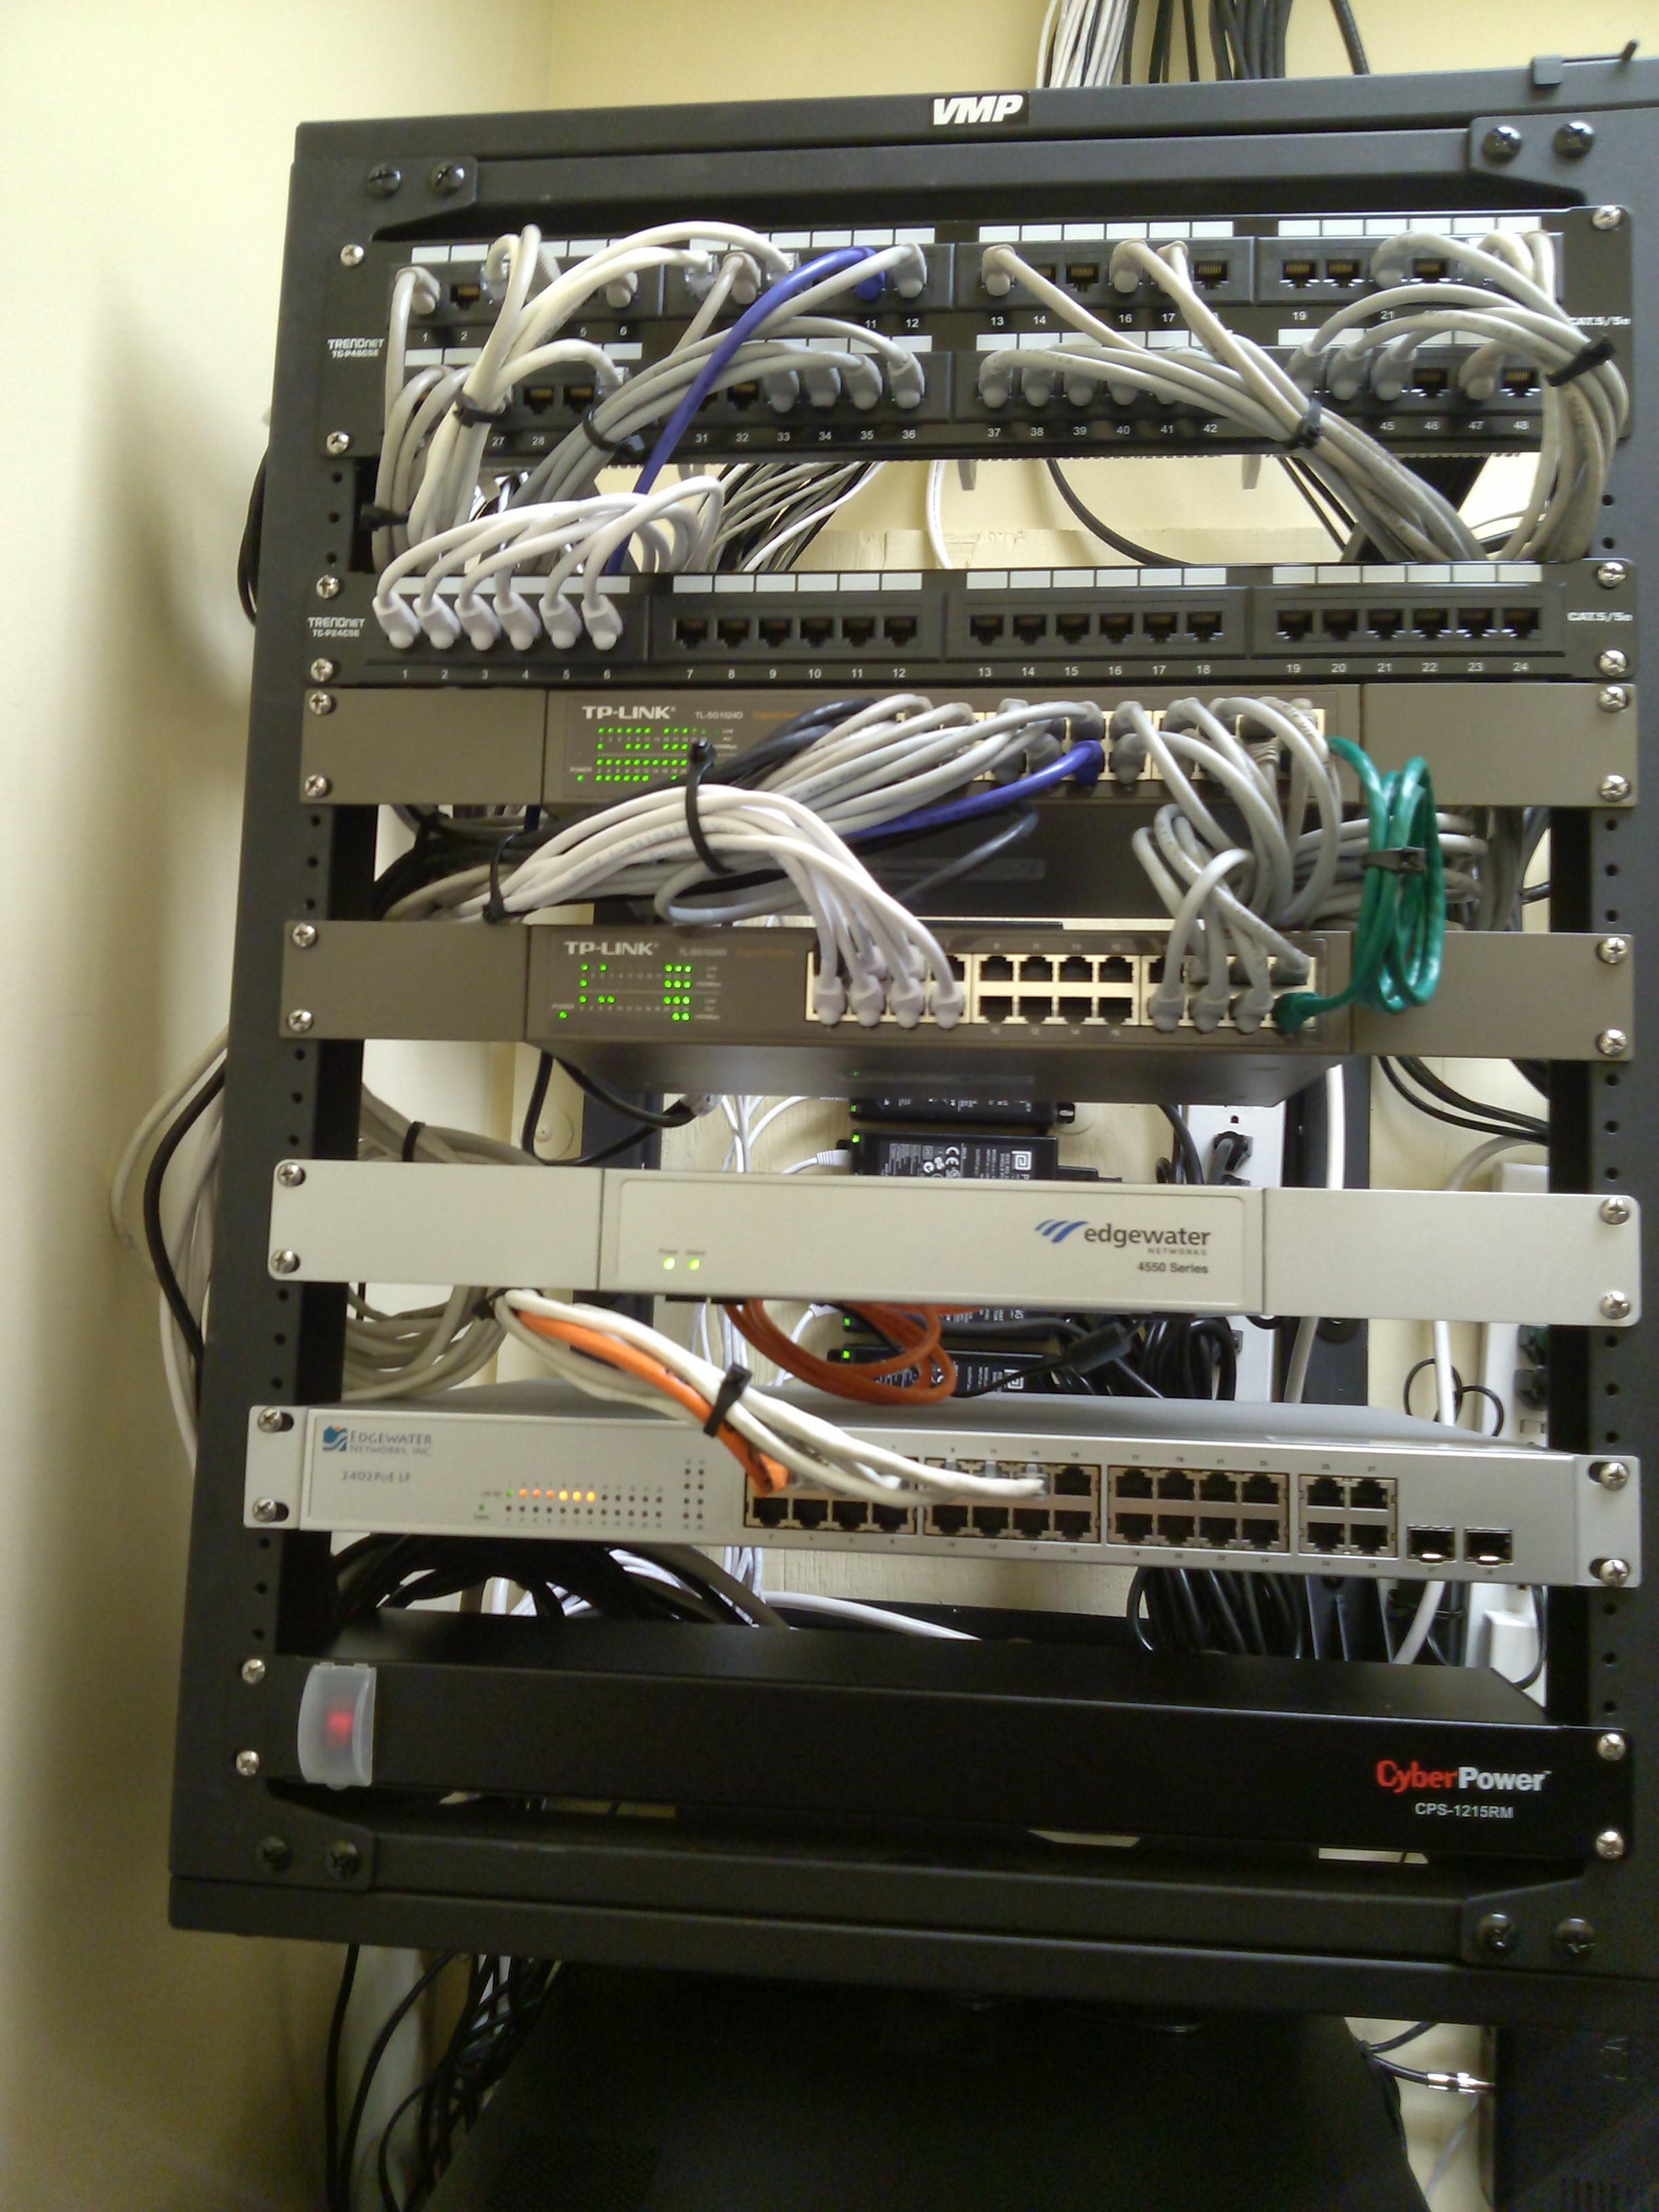 NetworkCabinet2